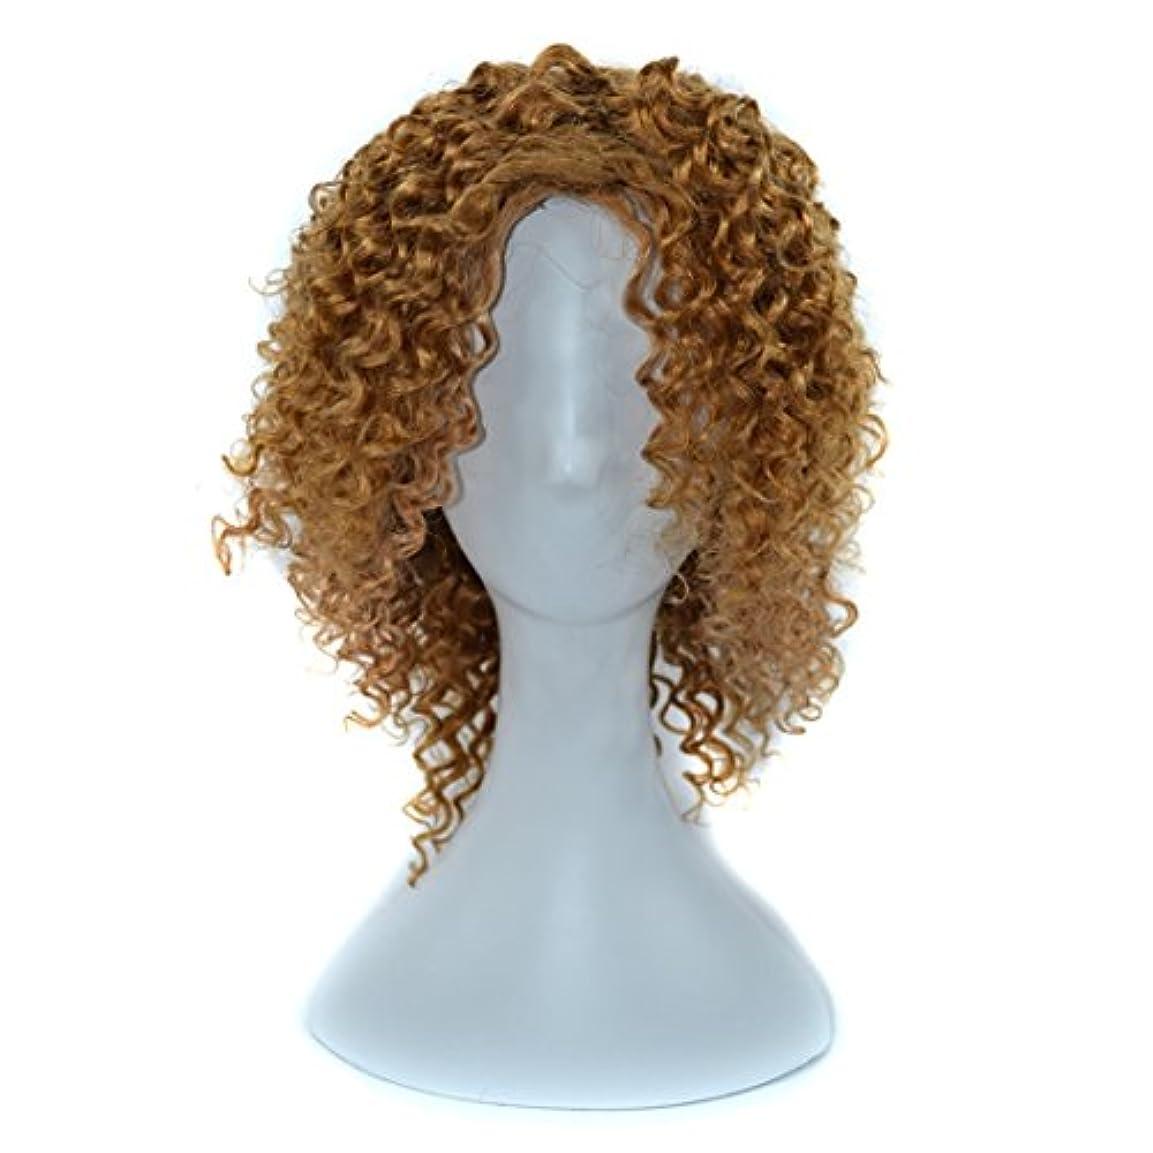 煩わしい勢い免除YOUQIU 傾斜前髪髪を持つ女性黒浮き、赤やライトブラウンディープカールウィッグはウィッグセットのウィッグを染めすることができないために14インチ本物の人間の髪の毛 (色 : 淡い茶色)